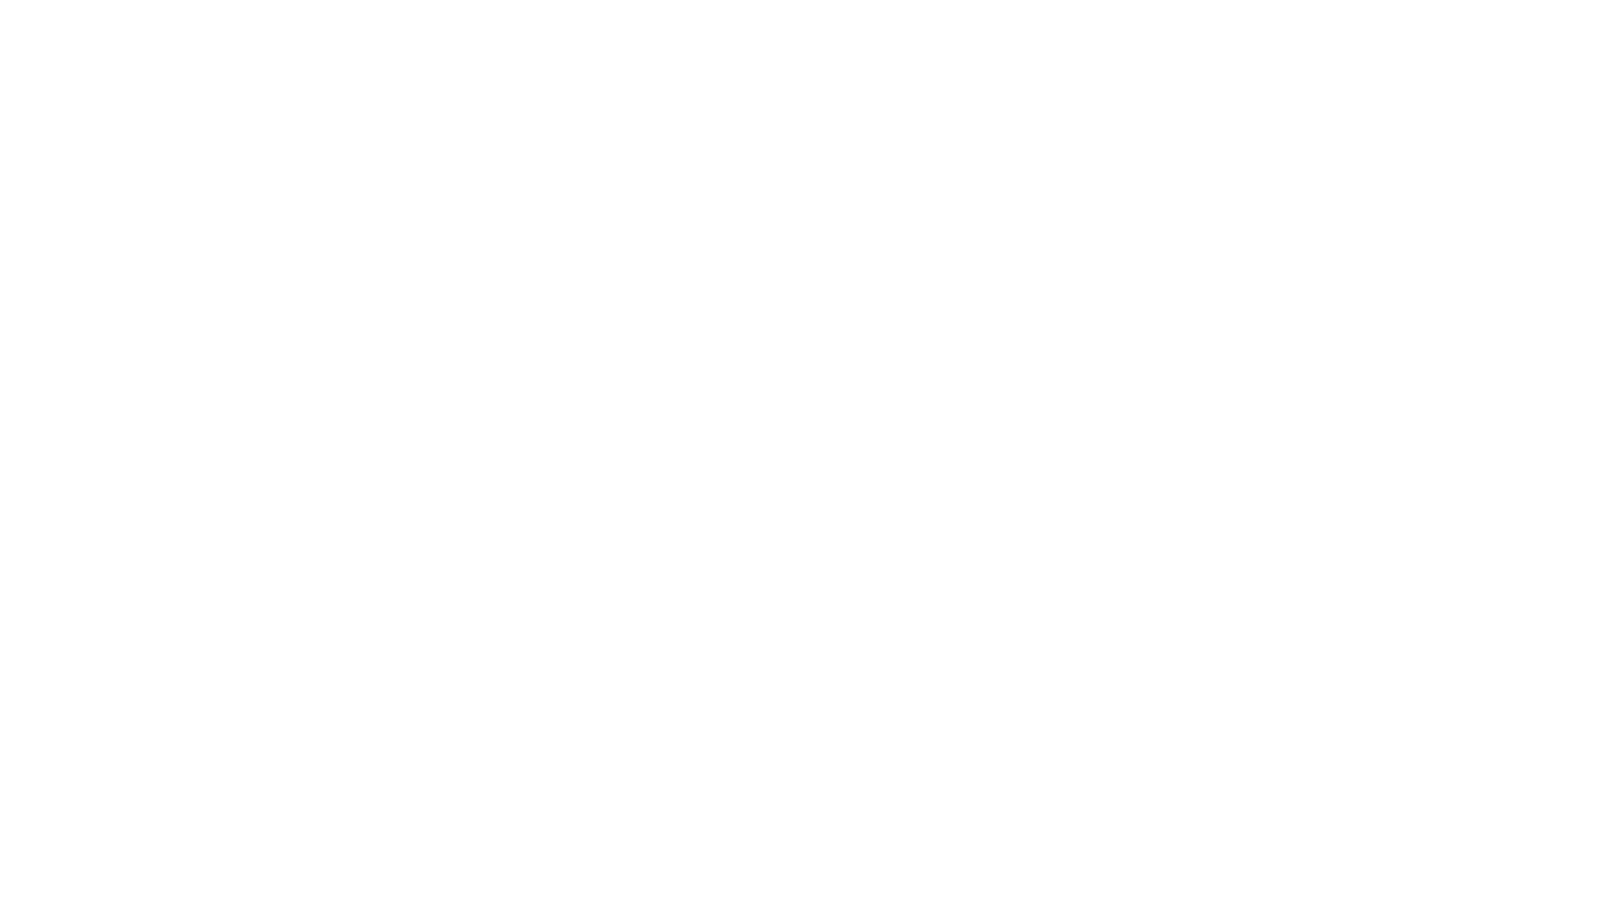 """Persiapan menuju fase baru dunia mahasiswa menjadi sebuah perjalanan pendidikan. Sayangnya, tidak sedikit dari mereka kebingungan menentukan masa setelah lulus Sekolah Menengah Atas nya. Mau kemana? Jurusannya apa?   Tanpa persiapan yang matang, mungkin tahapan selanjutnya tidak akan mudah bahkan bisa jadi mungkin salah.   Bersama para siswa Sekolah Indonesia Luar Negeri yang berada di Arab Saudi kami berinisiatif mengadakan kegiatan Talk Show yang bertajuk """"Get Ready for University"""" sebagai penghubung antara siswa akhir dengan impiannya menjadi mahasiswa di berbagai kampus di Dunia.   Mari bersiap!    PPMI Arab Saudi Kolaborasi - Dedikasi - Inspirasi"""